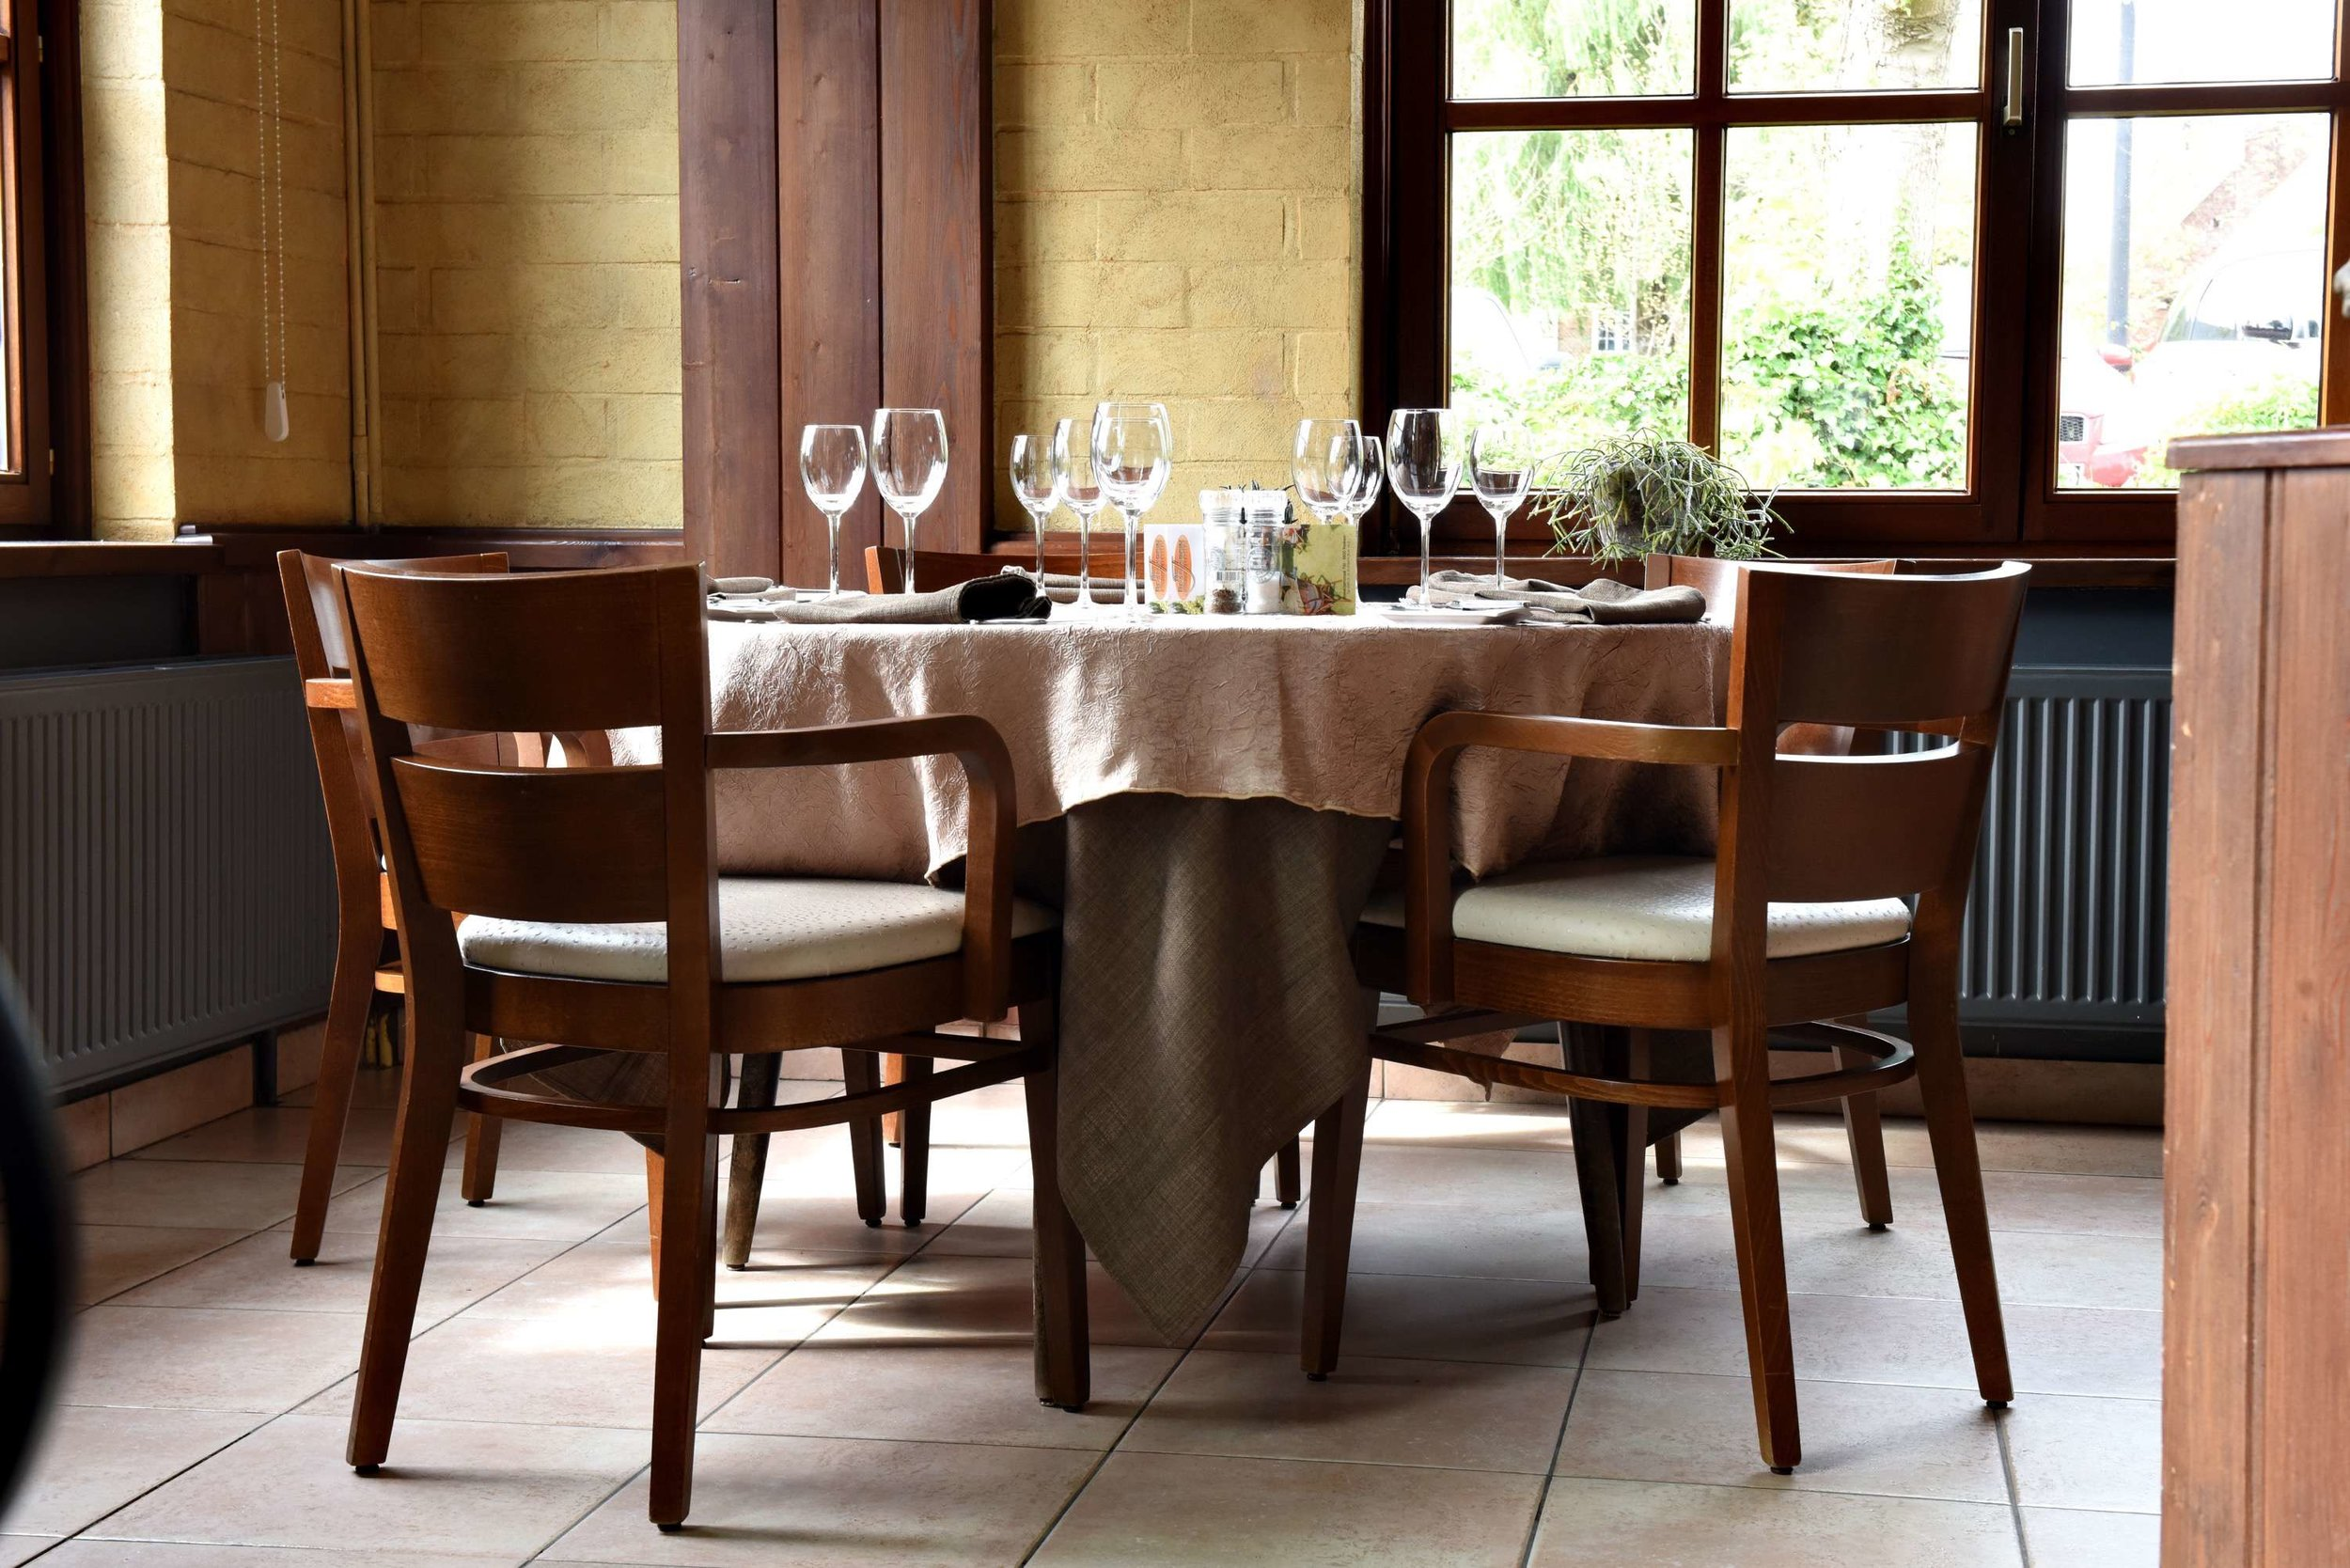 terras feestzaal au beau jardin rekkem restaurant feestzaal brasserie rekkem menen tablefever bart albrecht 17.jpg